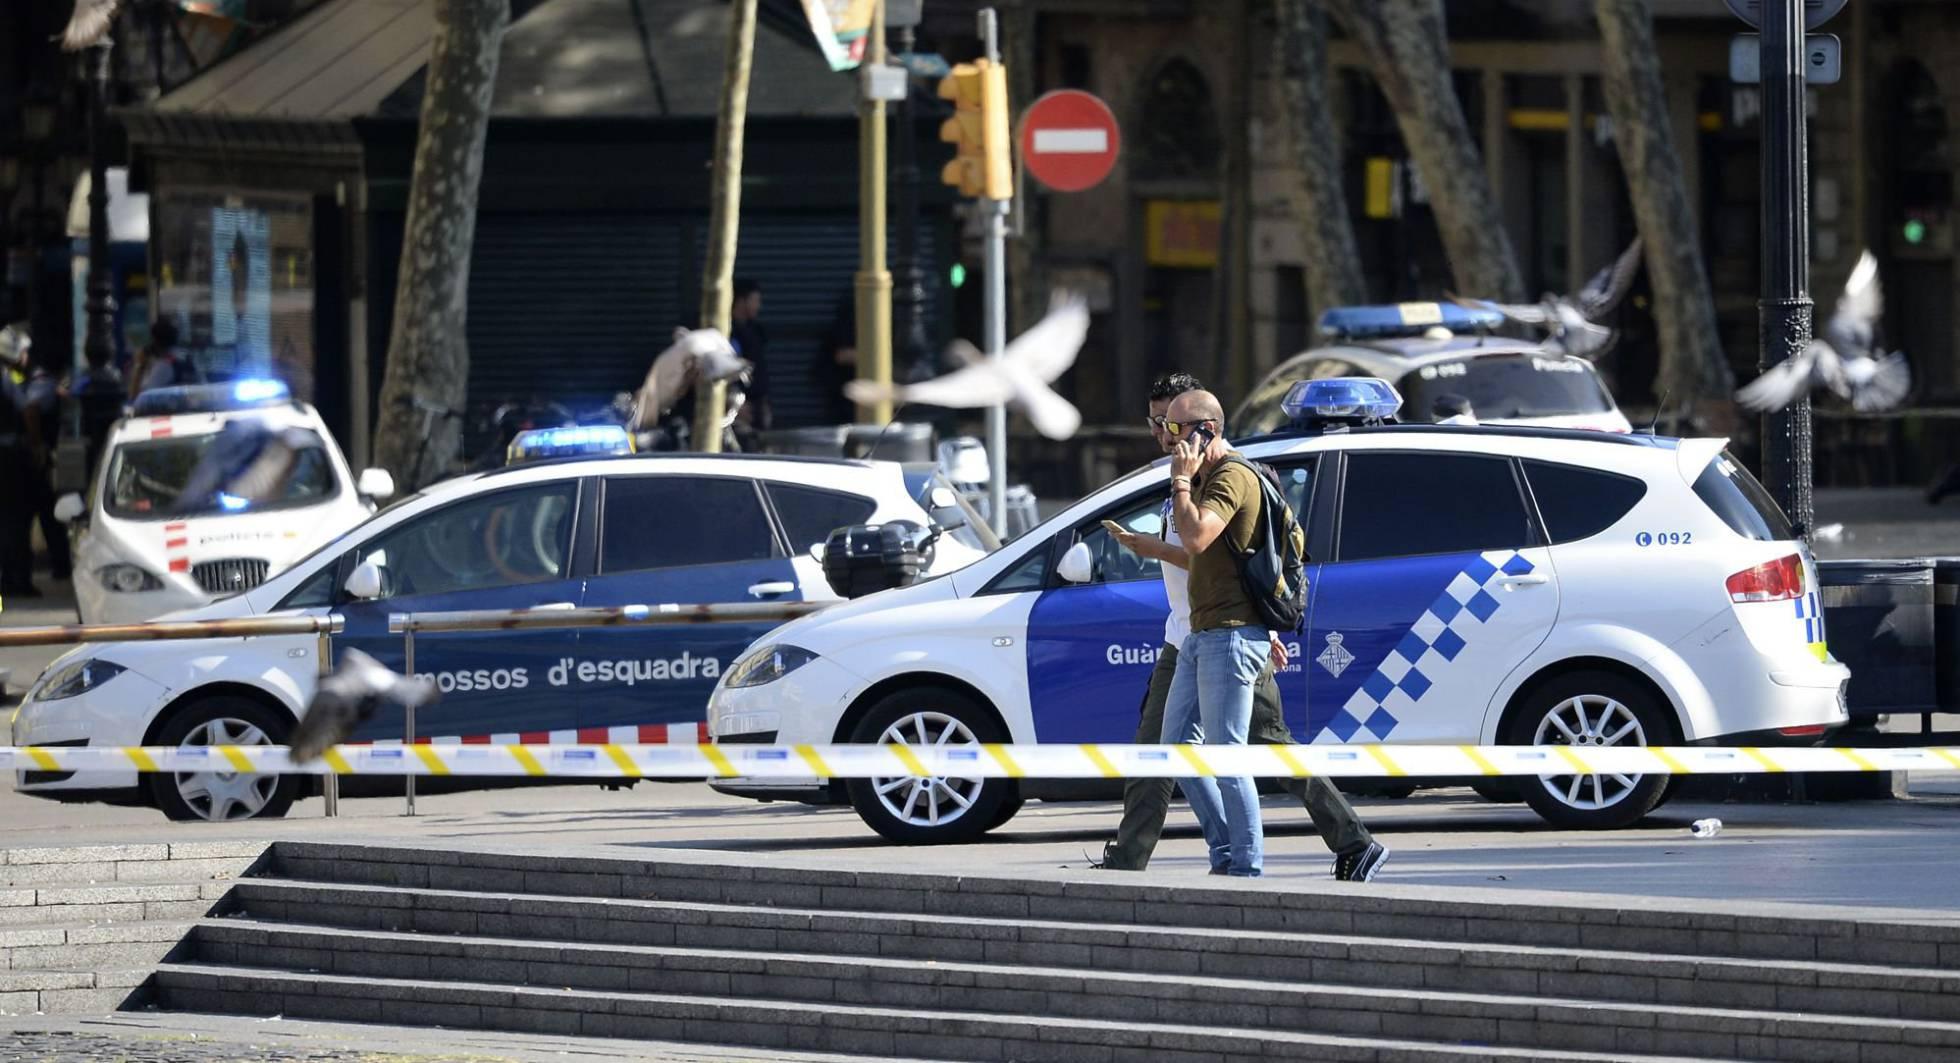 Atentados terroristas en Barcelona y Cambrils 17-08-2017 - LosViajeros e077e39c483